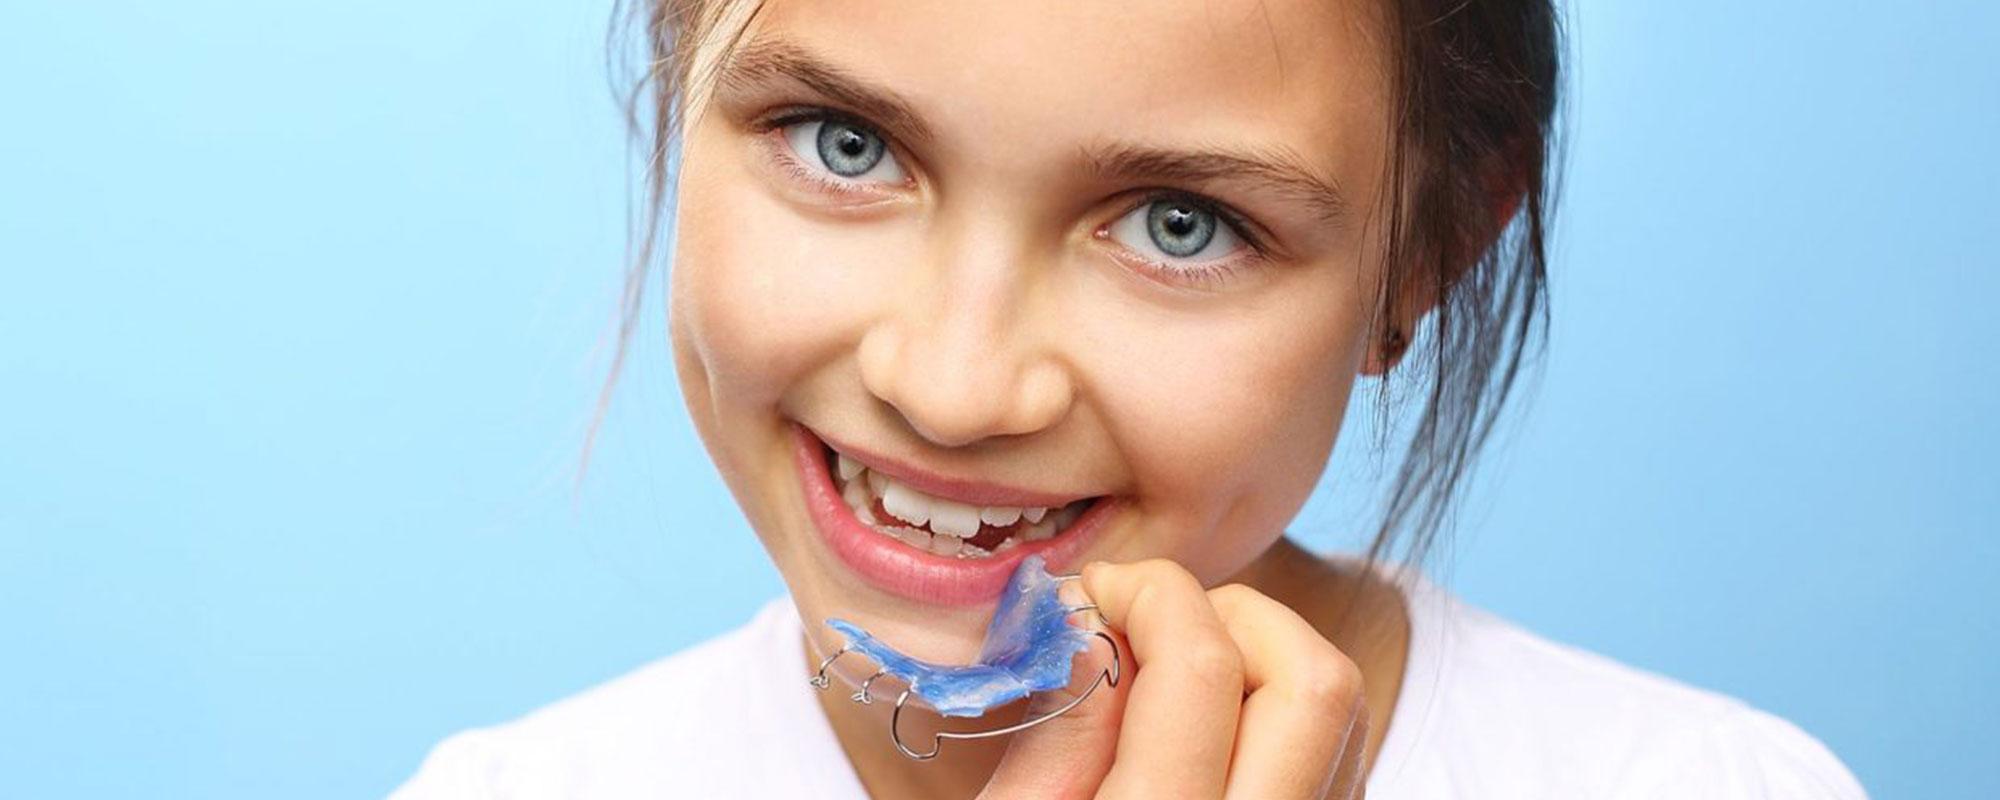 """Съемные пластинки для выравнивания зубов, ортодонтические пластинки для детей в клинике """"Стар"""""""